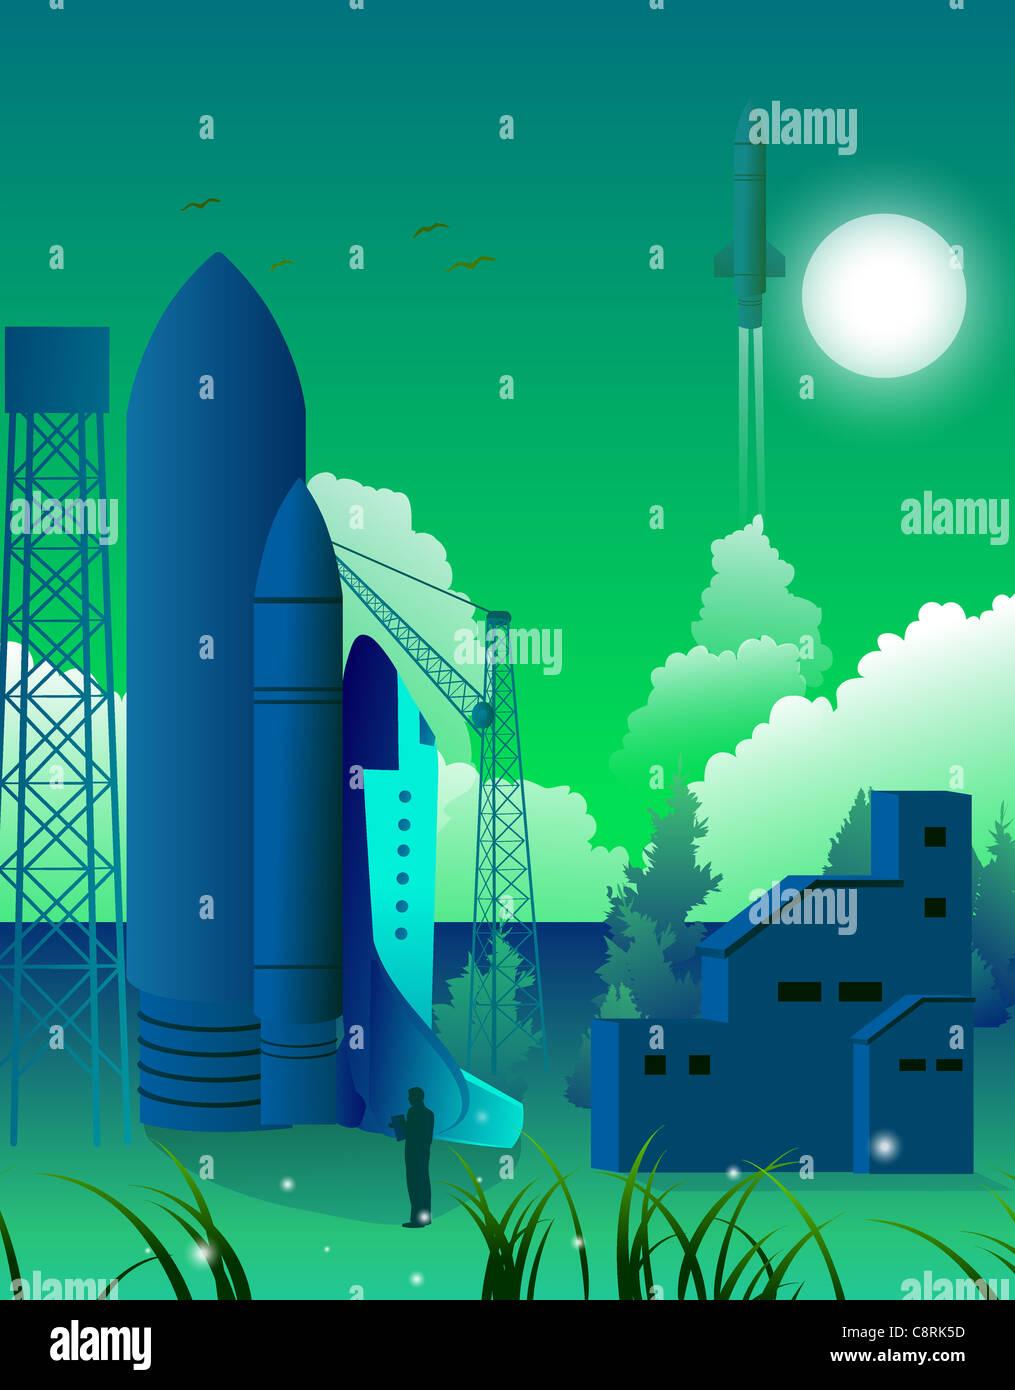 Ilustración de cohete Imagen De Stock